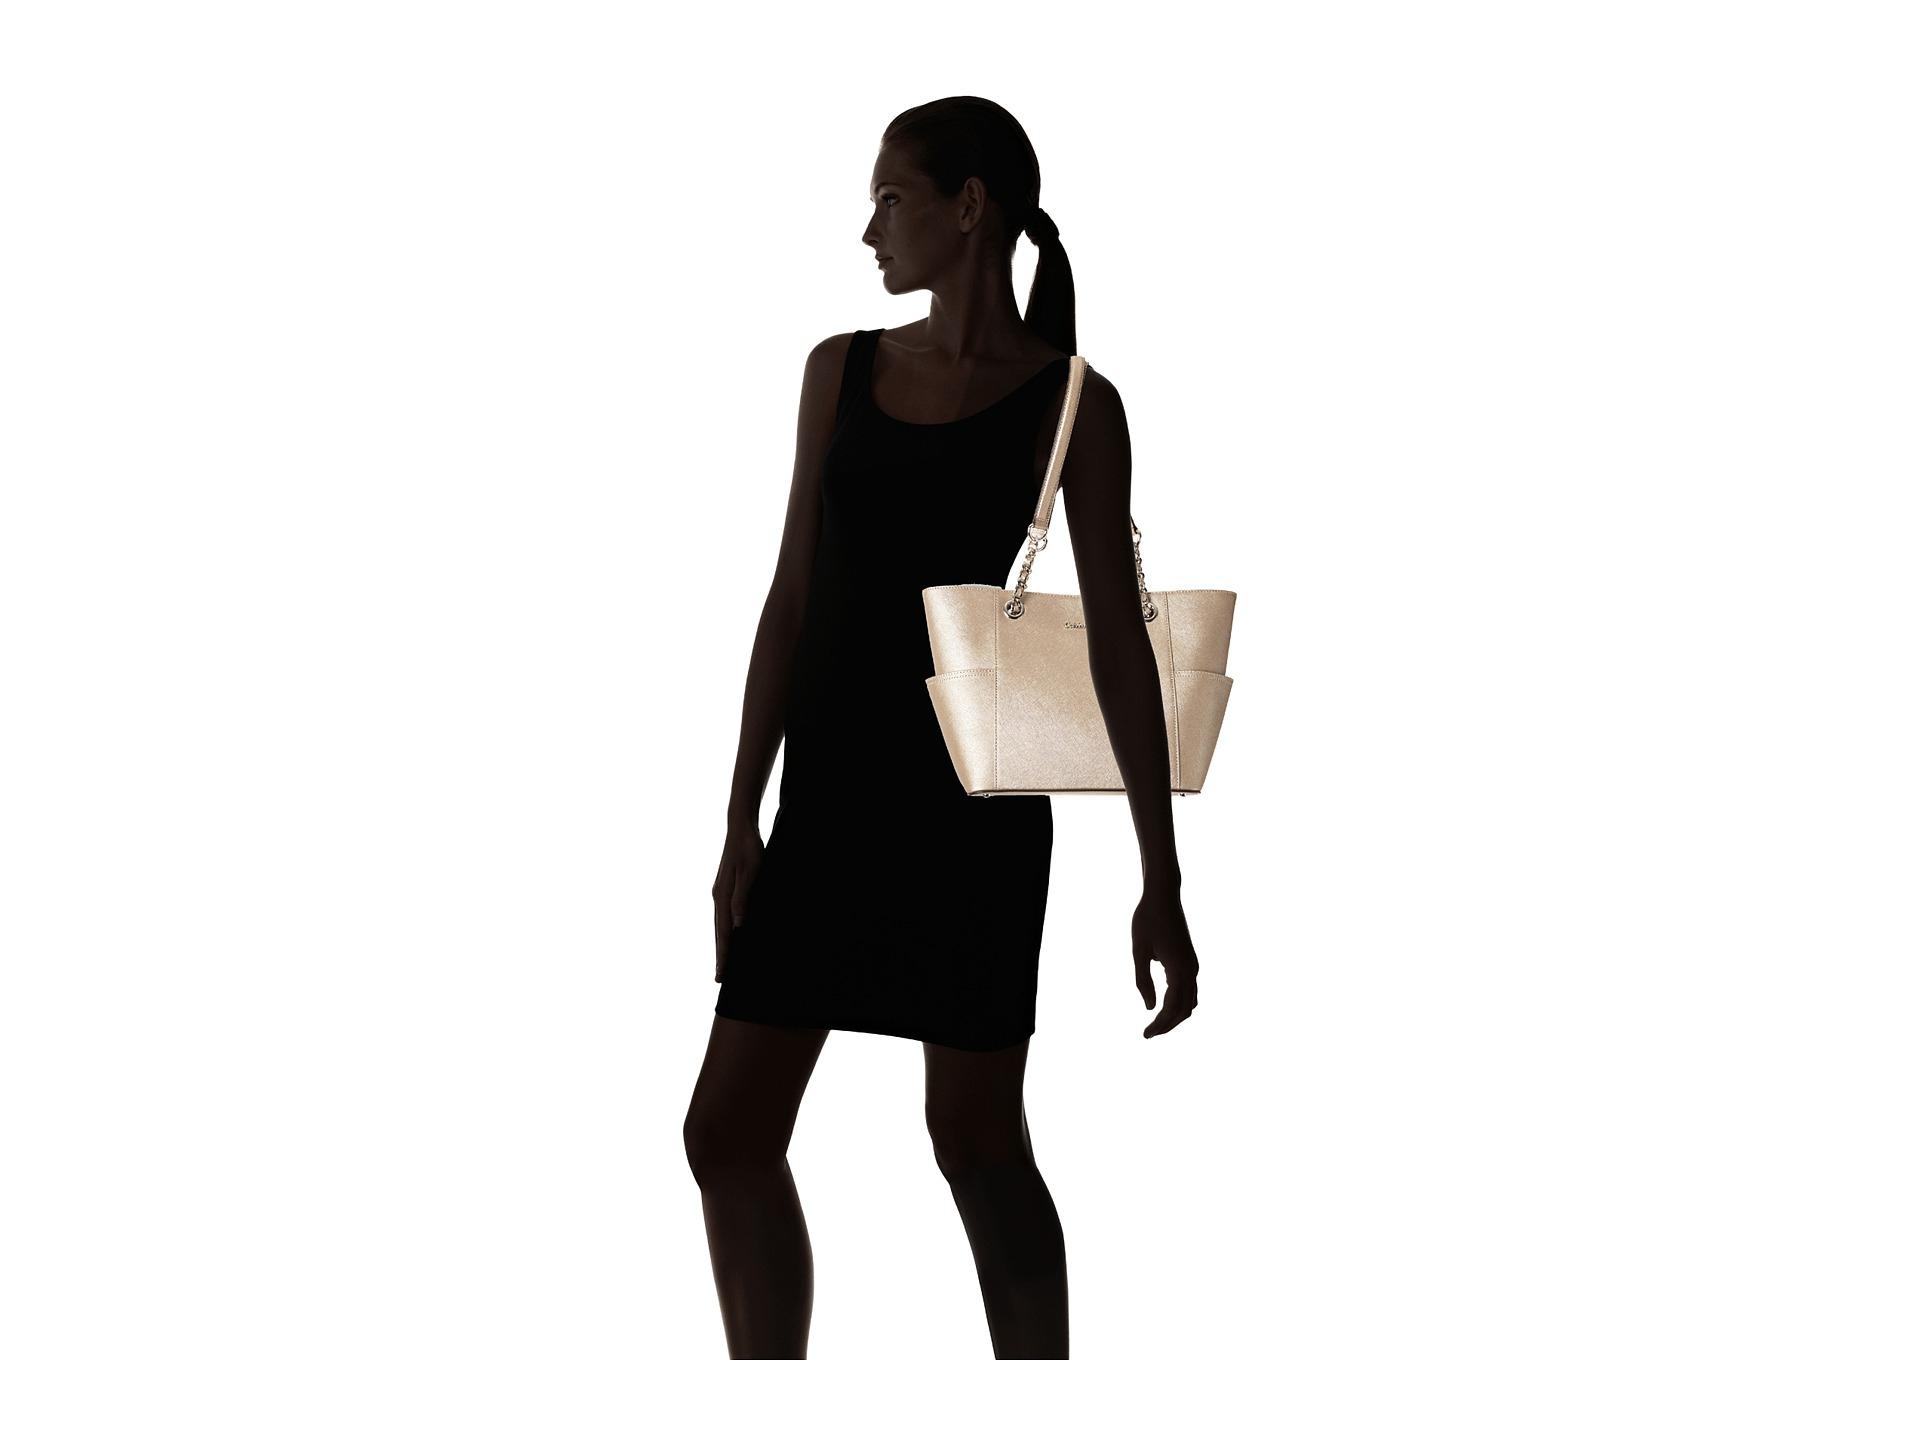 fda199d28e3 Calvin Klein Key Item Saffiano Leather Tote in Metallic - Lyst